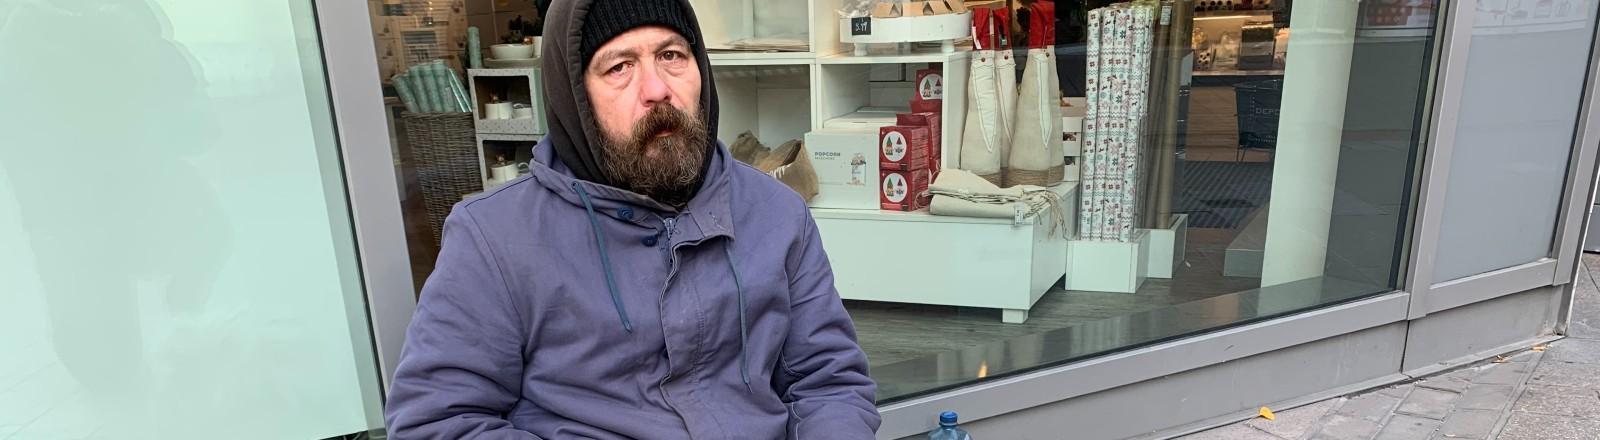 Der Obdachlose Willi sitzt auf der Straße angelehnt an ein Schaufenster